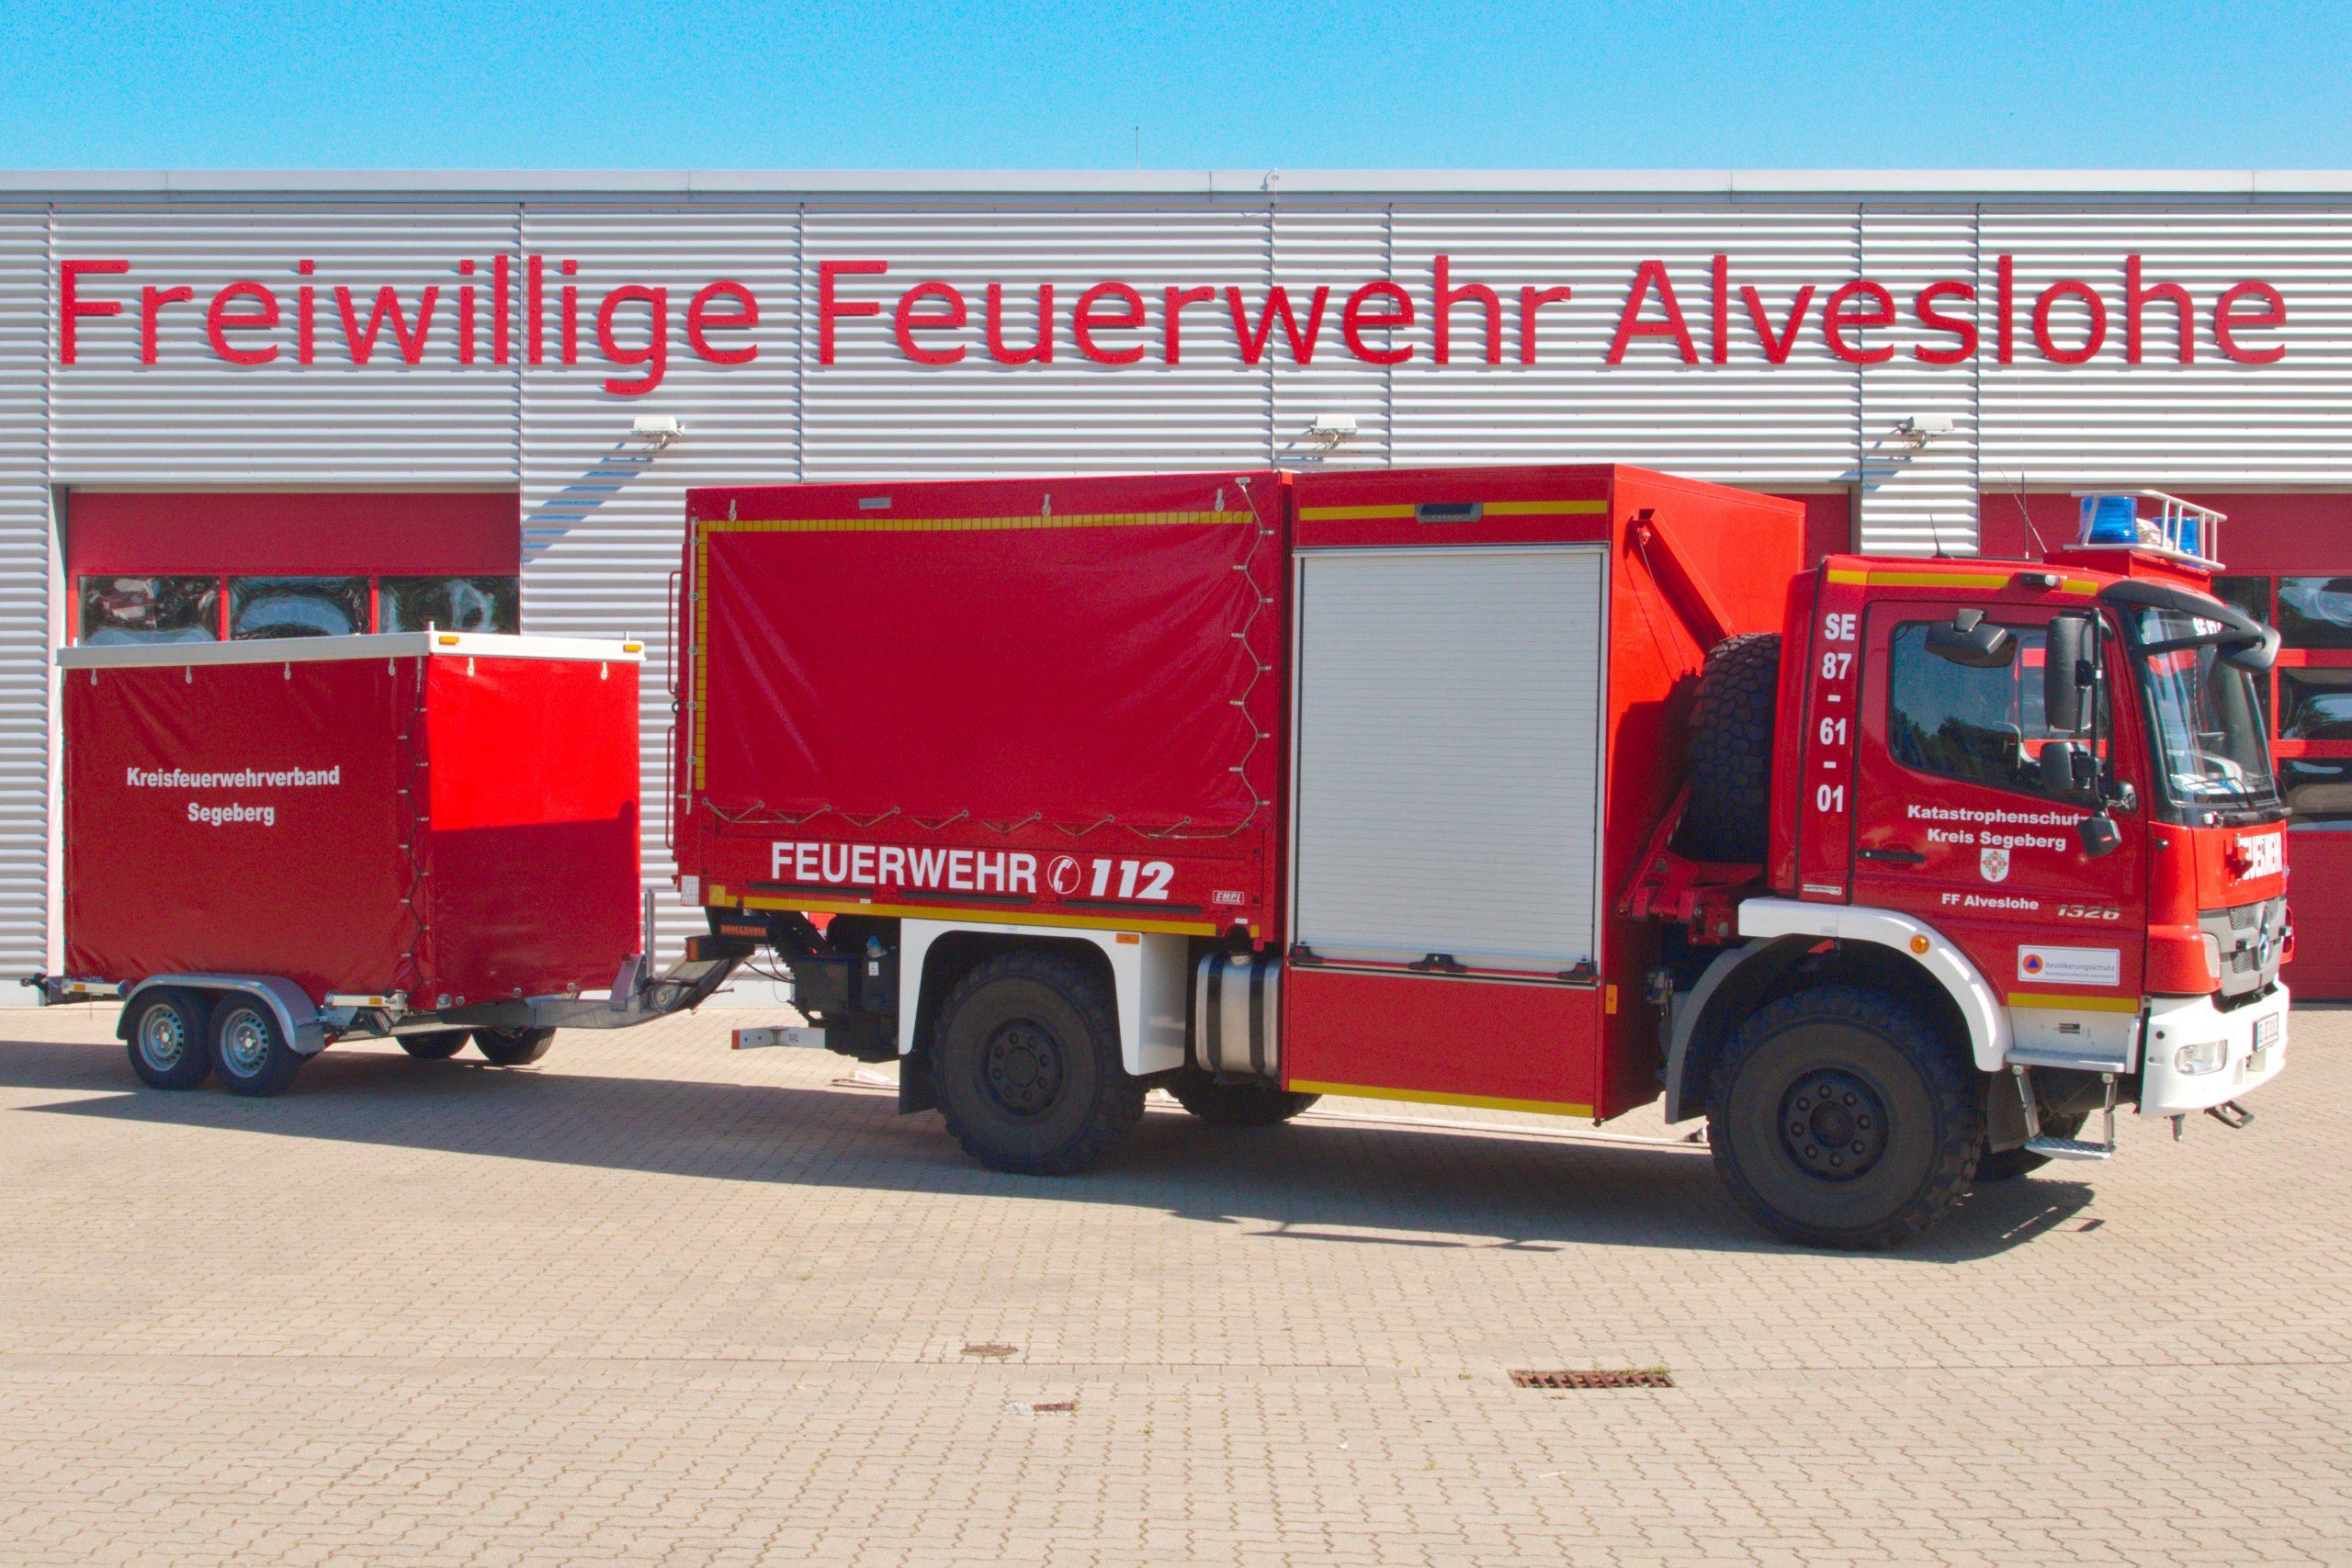 Schlauchwagen Katastrophenschutz 87 61 1 mit Hochleistungspumpenanhänger